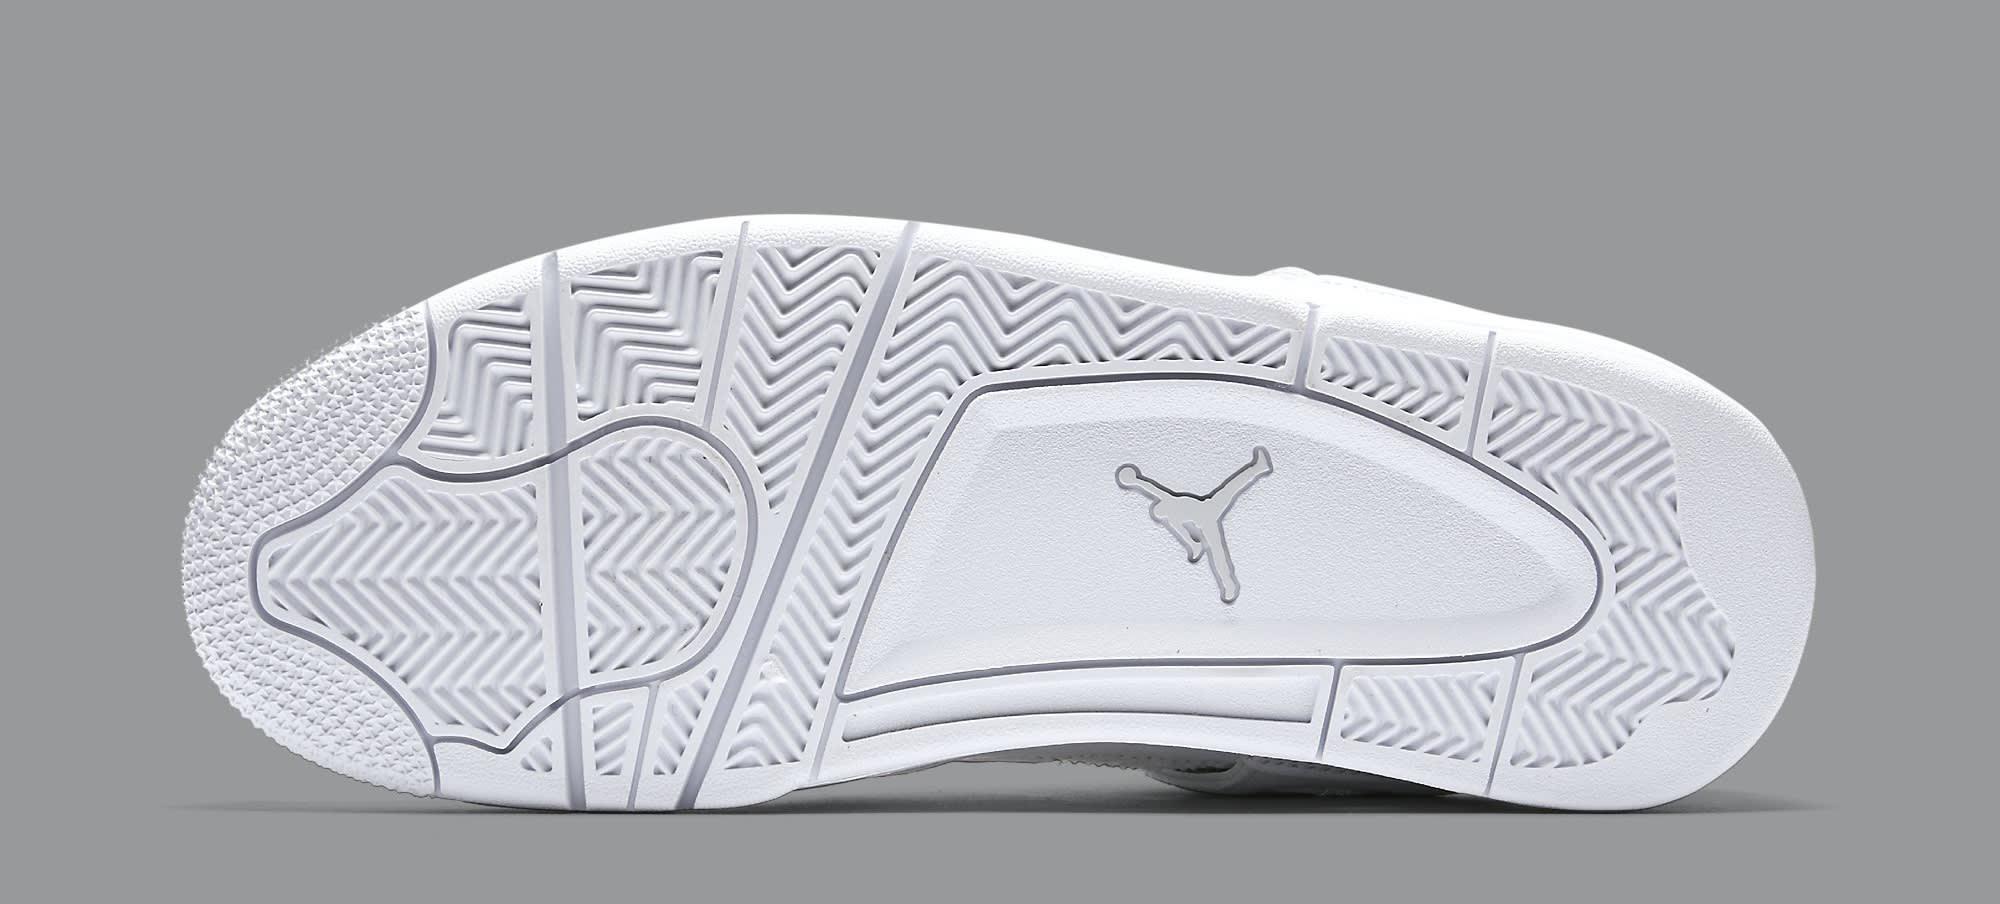 Pure Money Air Jordan 4 308497-100 Sole